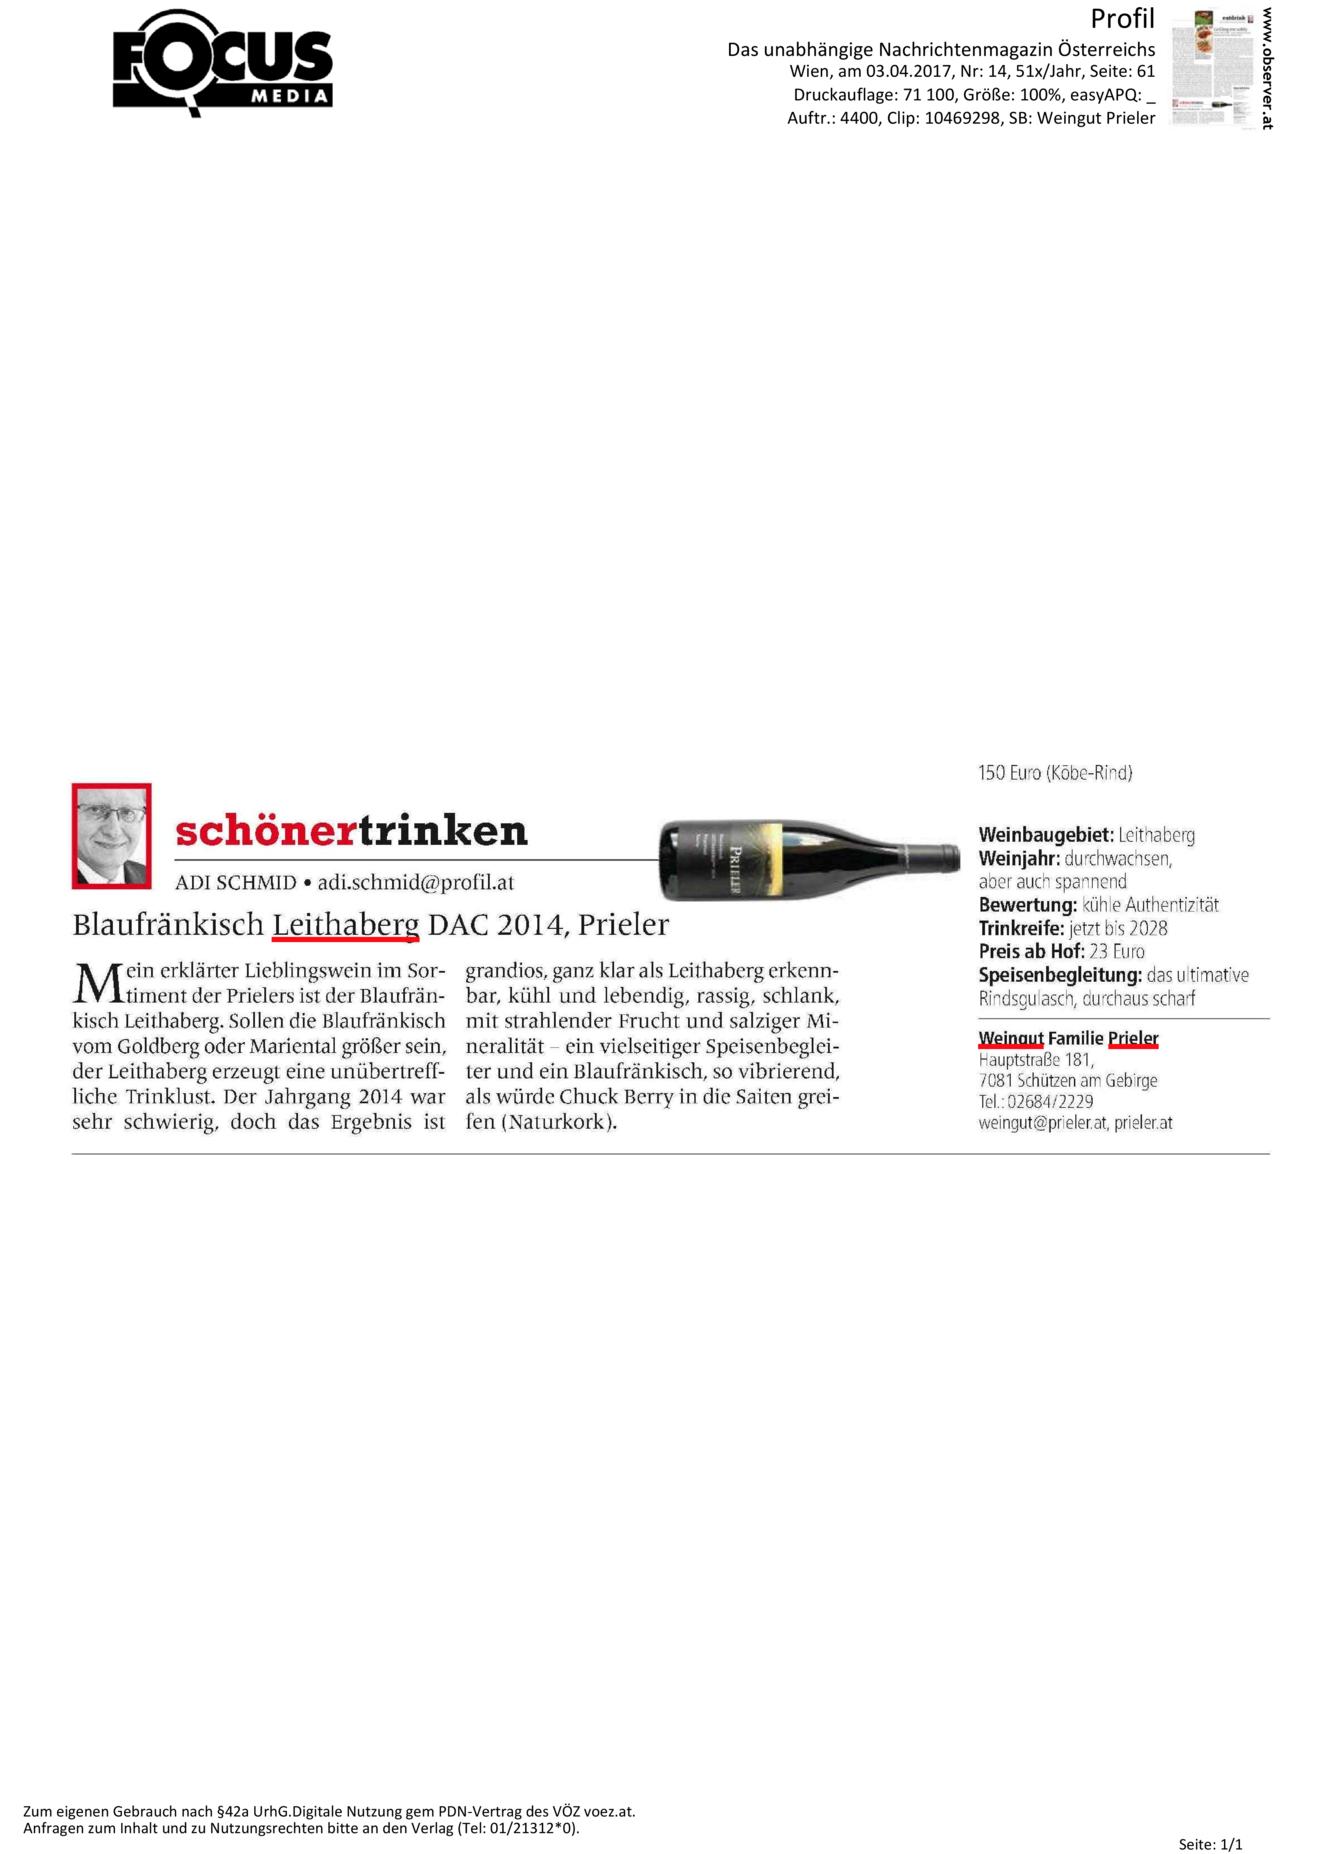 schönertrinken – Blaufränkisch Leithaberg DAC 2014